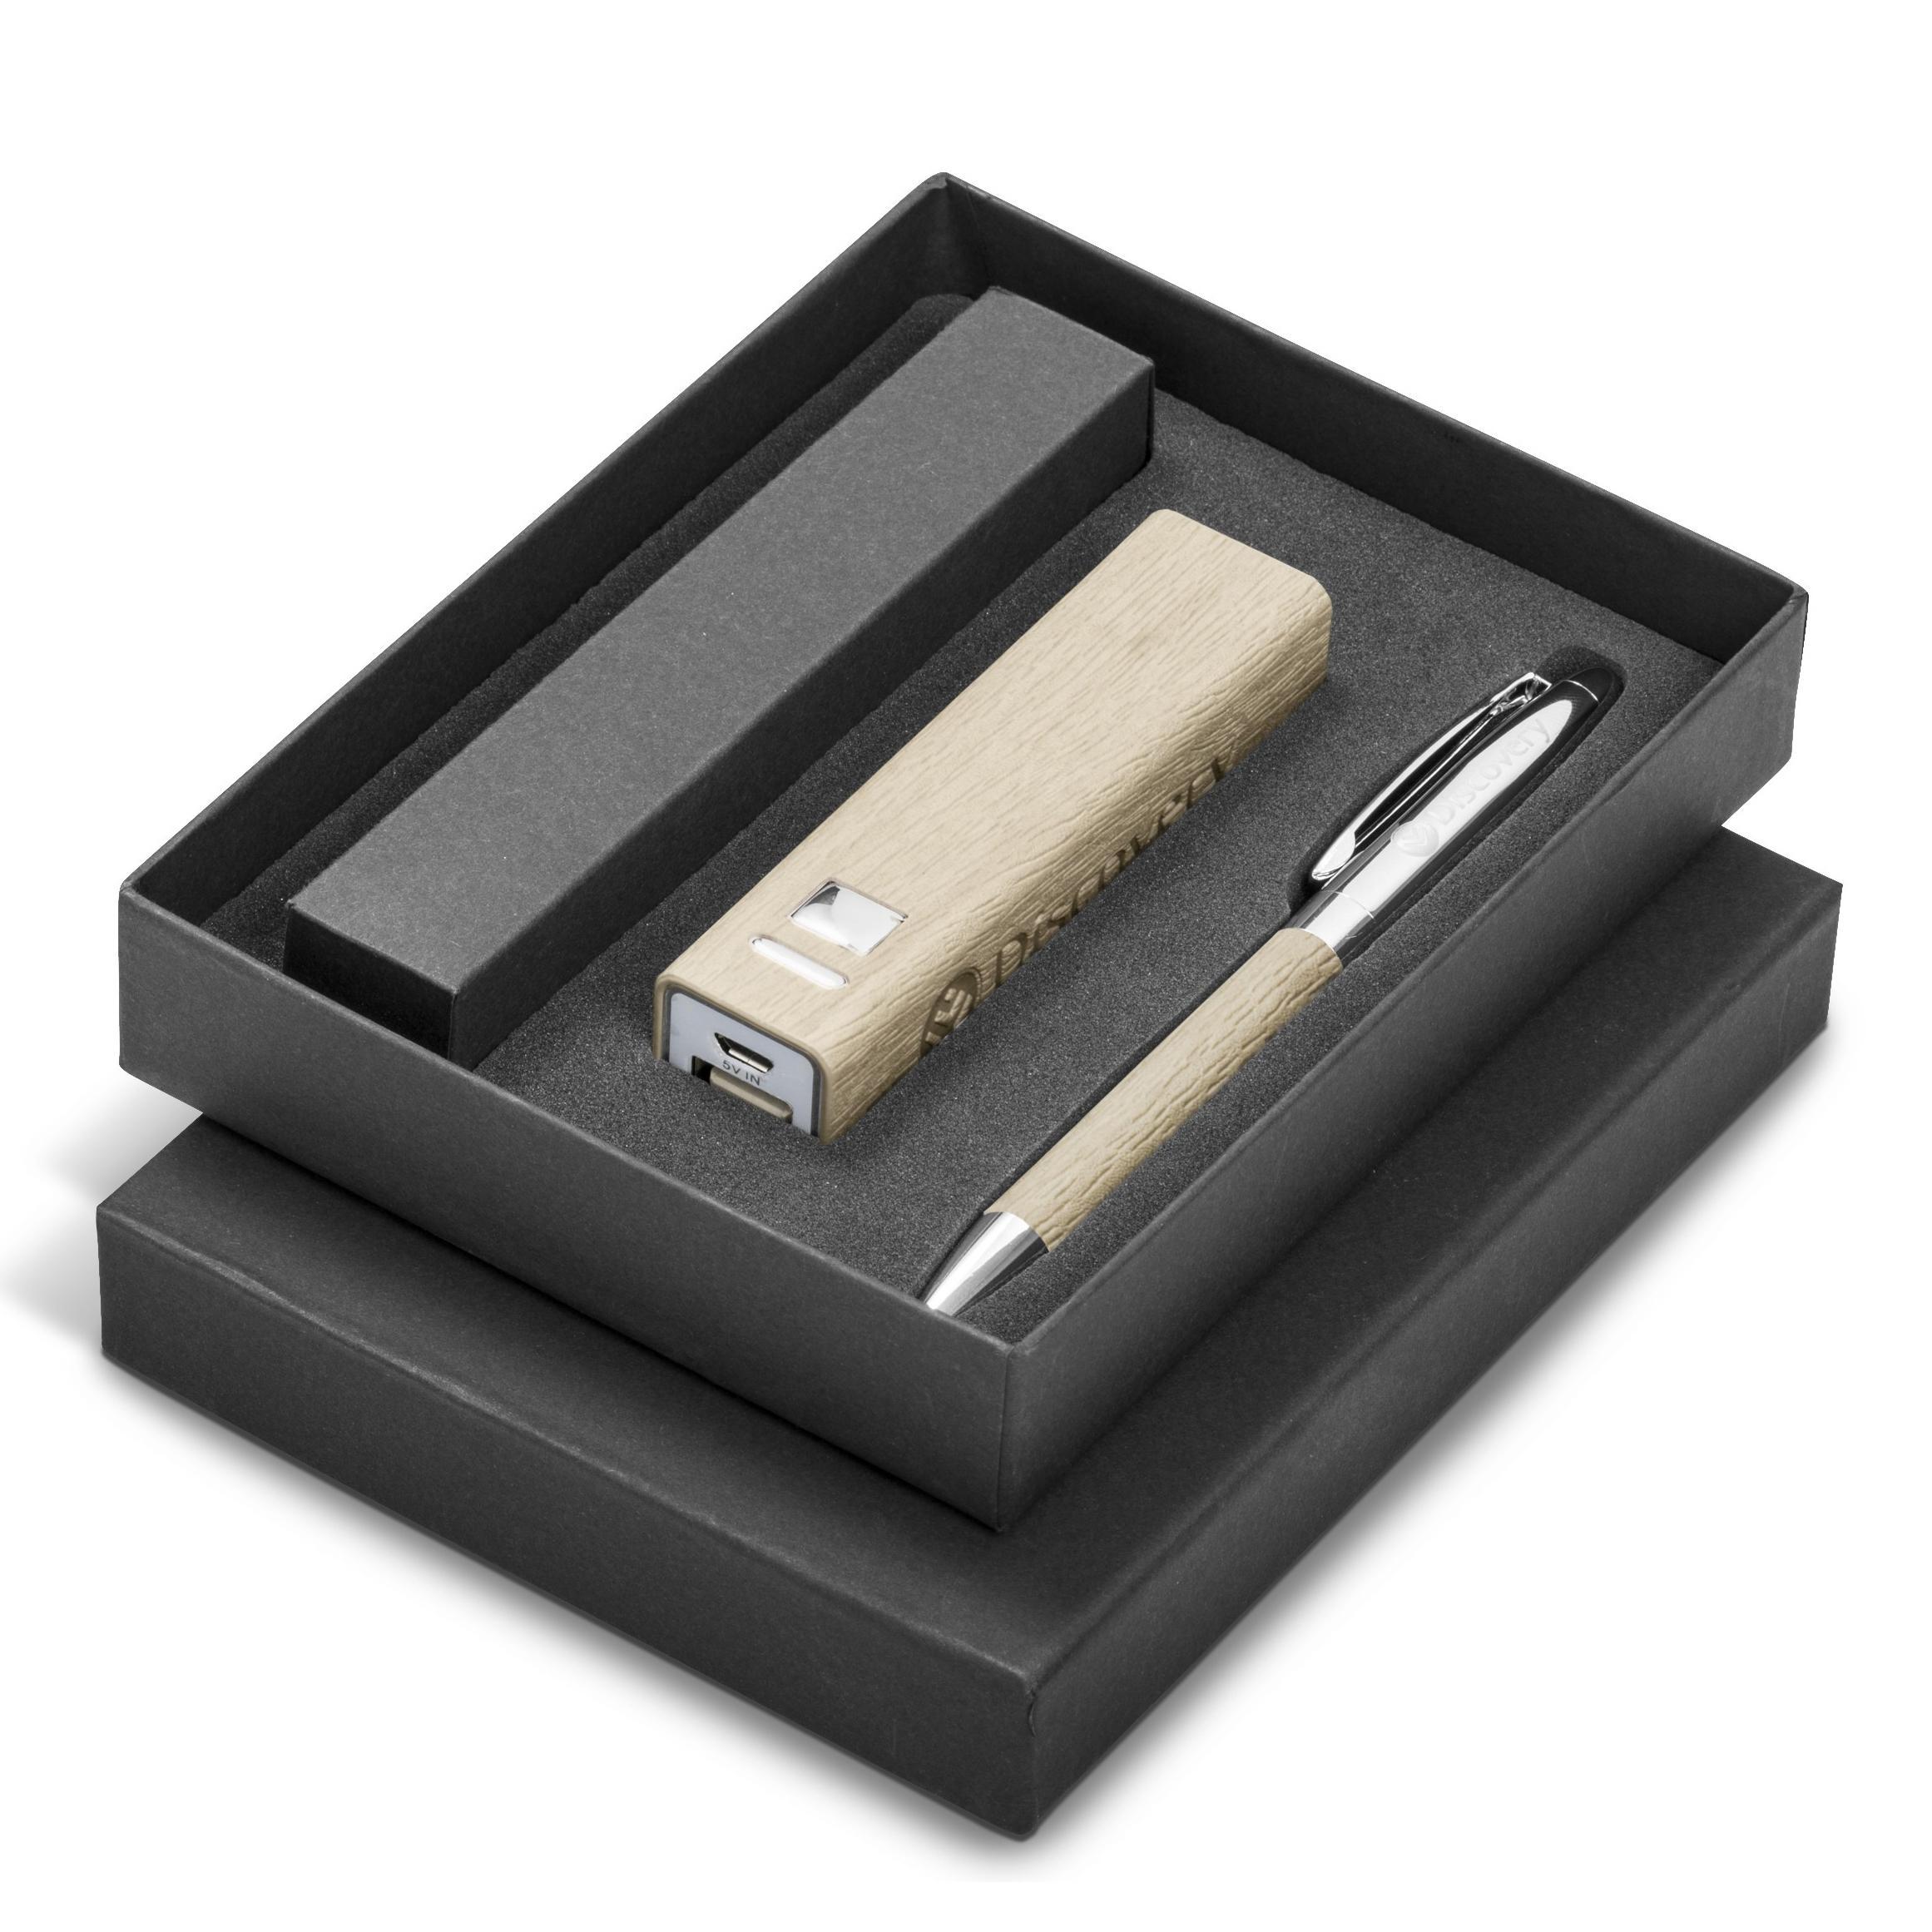 Oakridge Two Gift Set - Beige Only